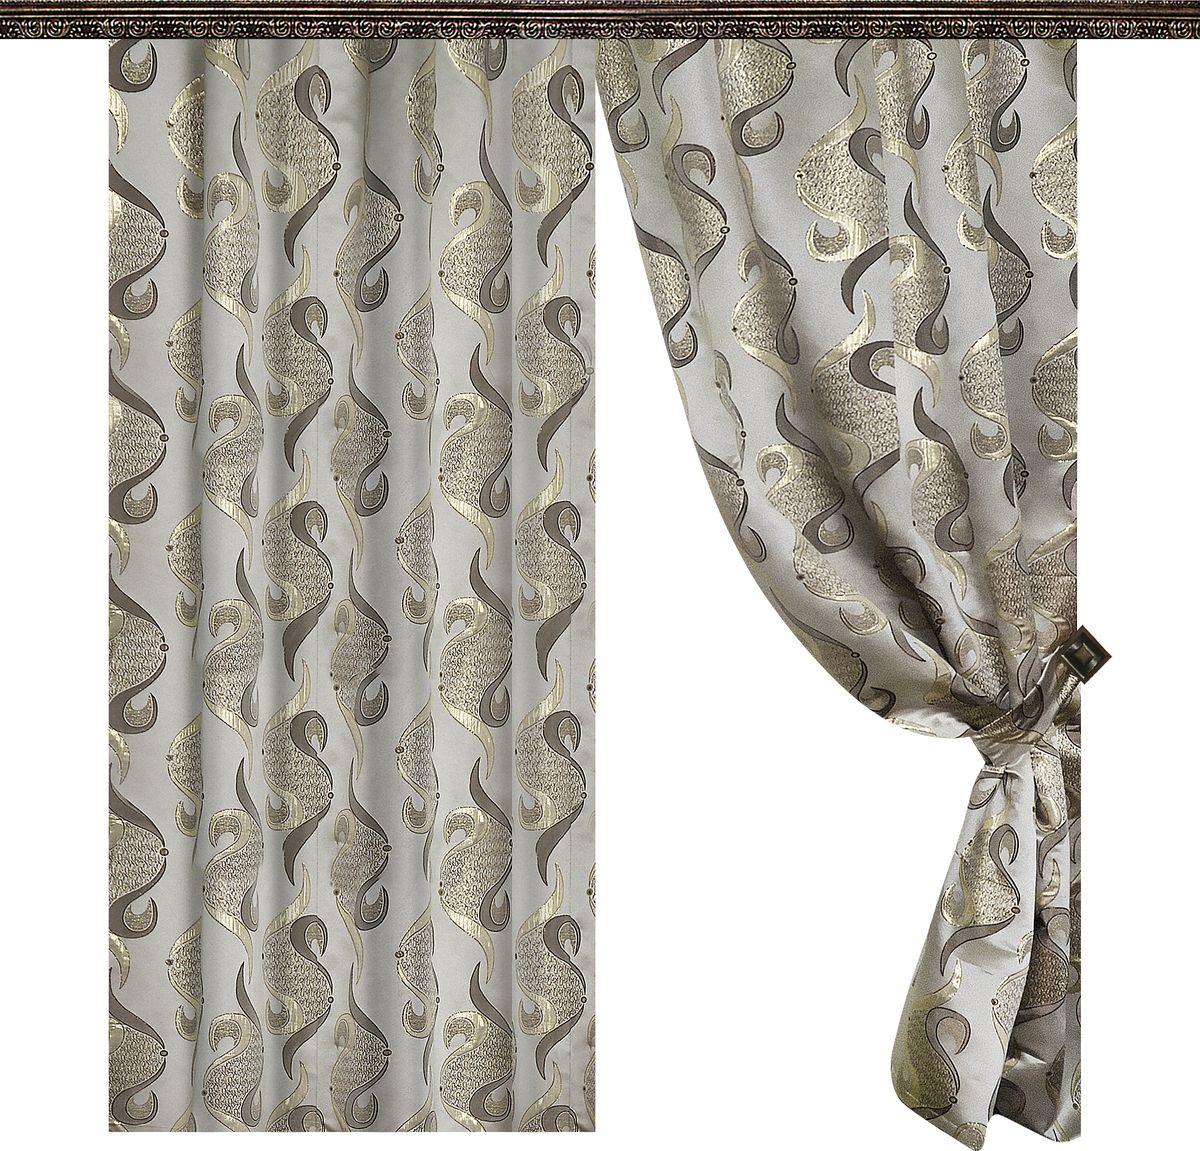 Комплект штор Zlata Korunka, на ленте, цвет: серый, высота 265 см85177Роскошный комплект штор Zlata Korunka комплект состоит из двух штор и двух подхватов, выполненных из 100% полиэстера, которыевеликолепно украсит любое окно. Плотная ткань, оригинальный орнамент и приятная цветовая гамма привлекут к себе внимание и органично впишутся в интерьерпомещения.Комплект крепится на карниз при помощи шторной ленты, которая поможеткрасиво и равномерно задрапировать верх. Этот комплект будет долгое время радовать вас и вашу семью!В комплект входит:Штора: 2 шт. Размер (ШхВ): 145 см х 265 см.Подхват: 2 шт.